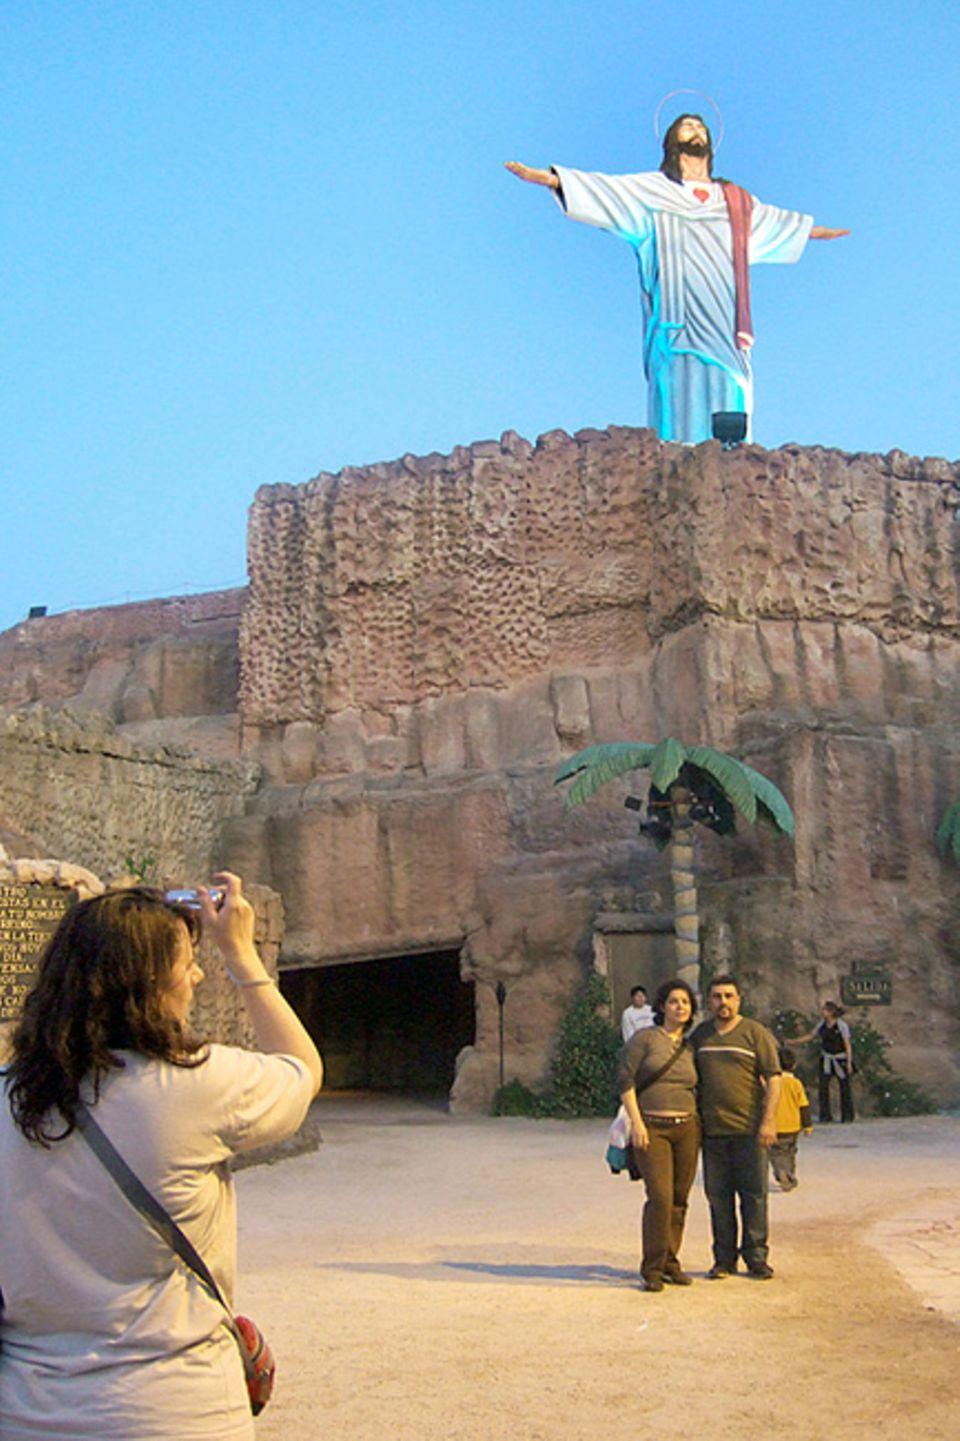 Reisetipps für Argentinien: Bibelstunde im Freizeitpark: In dem religiösen Themenpark Tierra Santa wird die biblische Geschichte nacherzählt, teilweise auf sehr skurrile Art